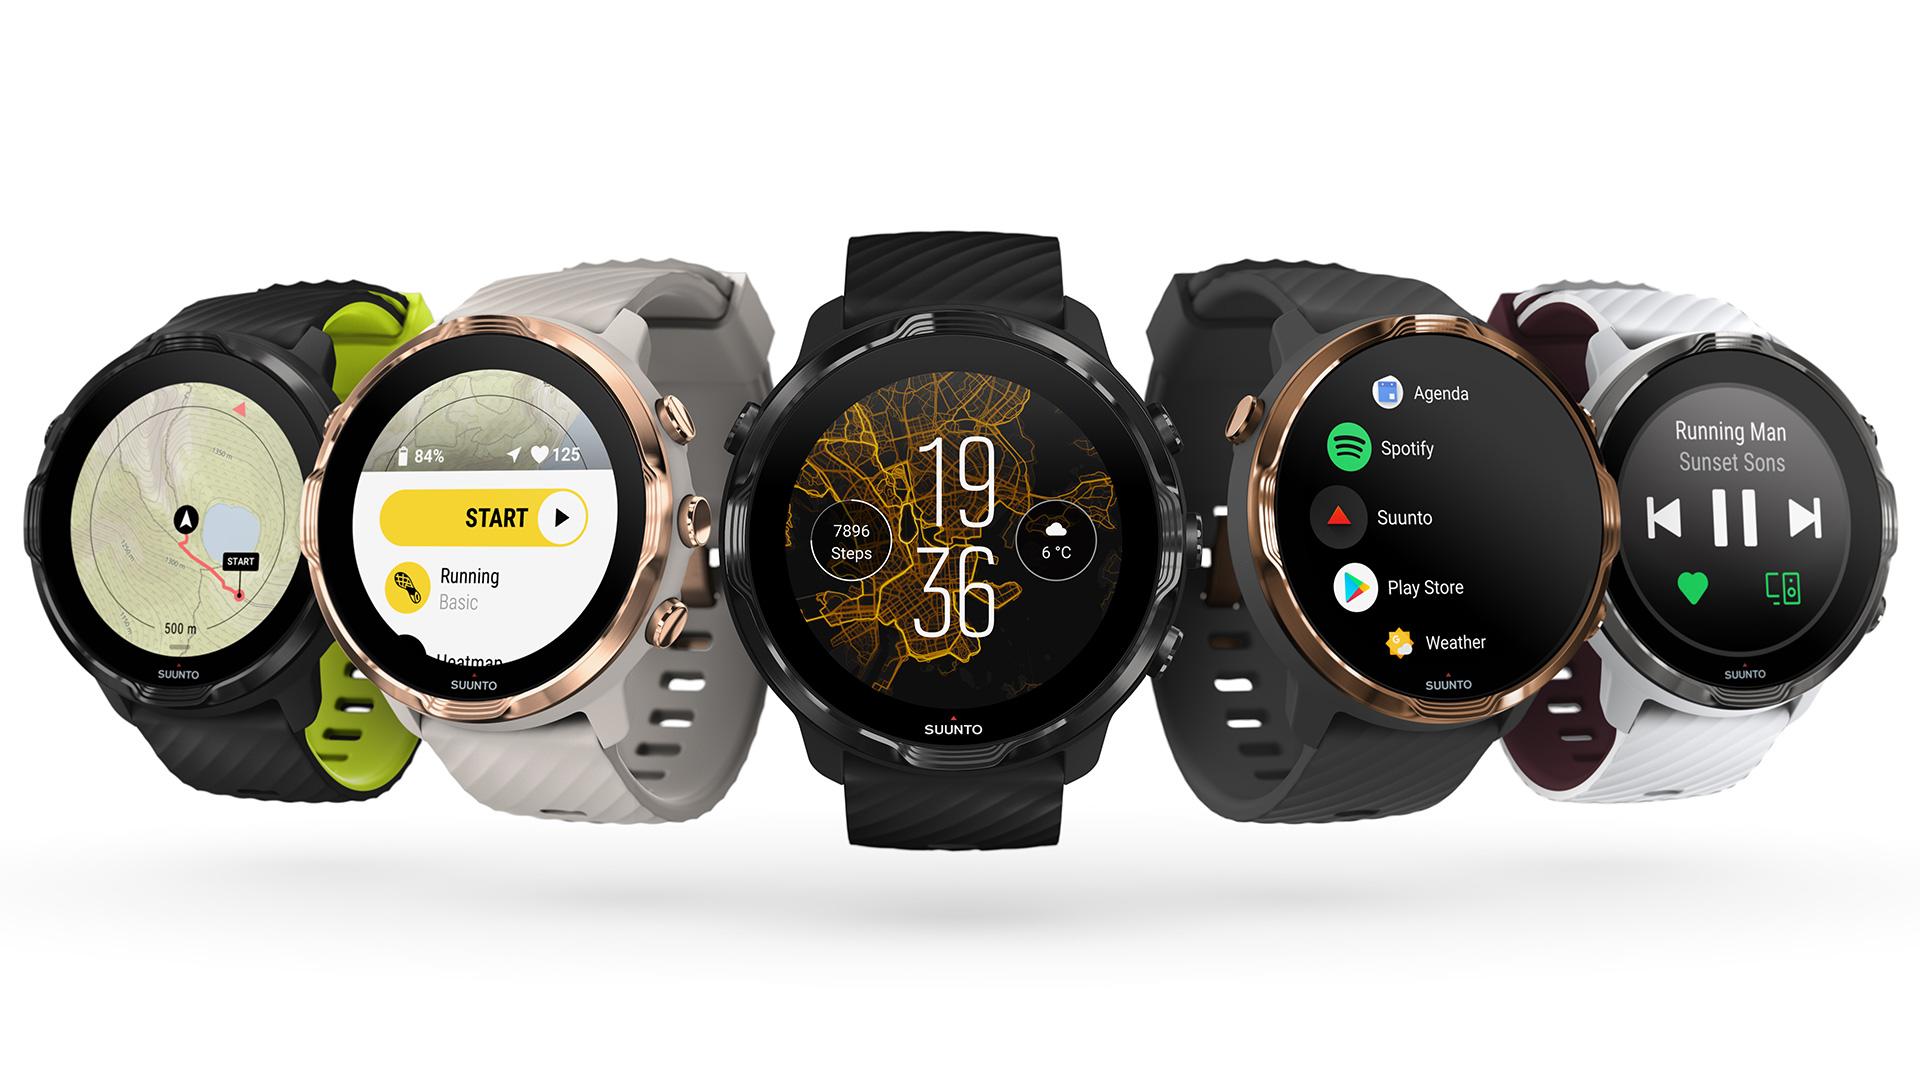 È in arrivo un importante aggiornamento software per lo smartwatch Suunto 7